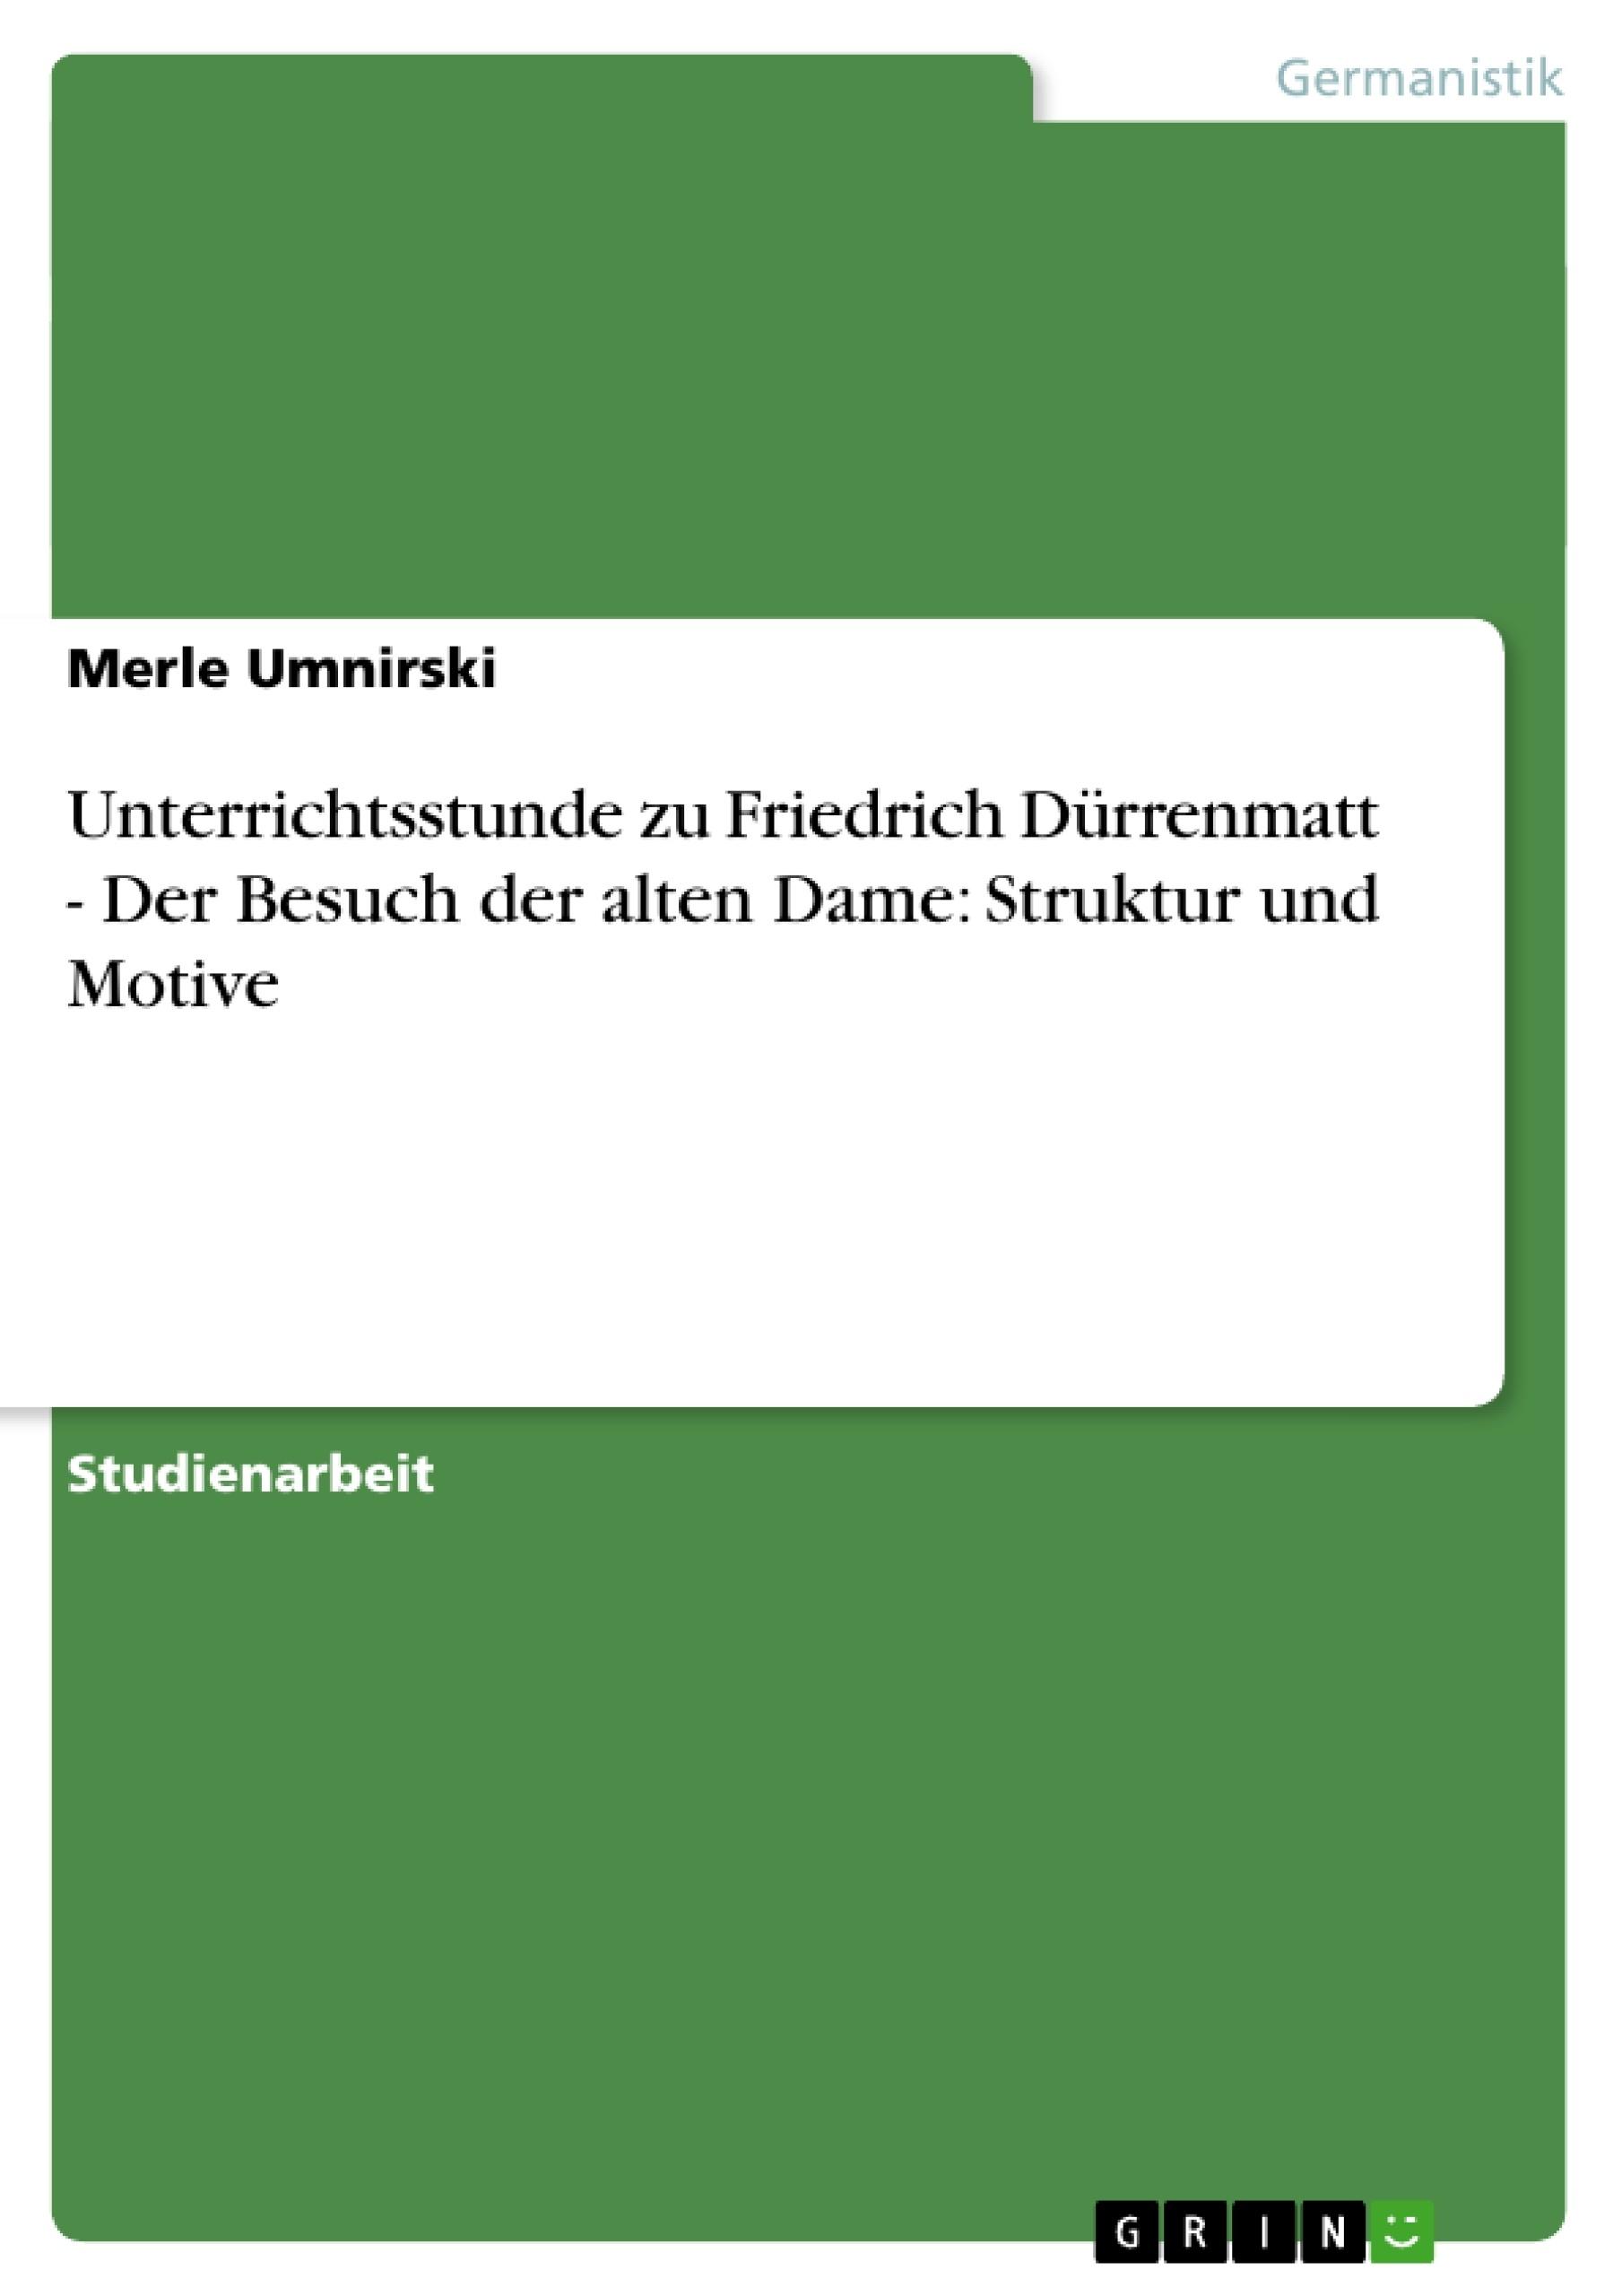 Titel: Unterrichtsstunde zu Friedrich Dürrenmatt - Der Besuch der alten Dame: Struktur und Motive